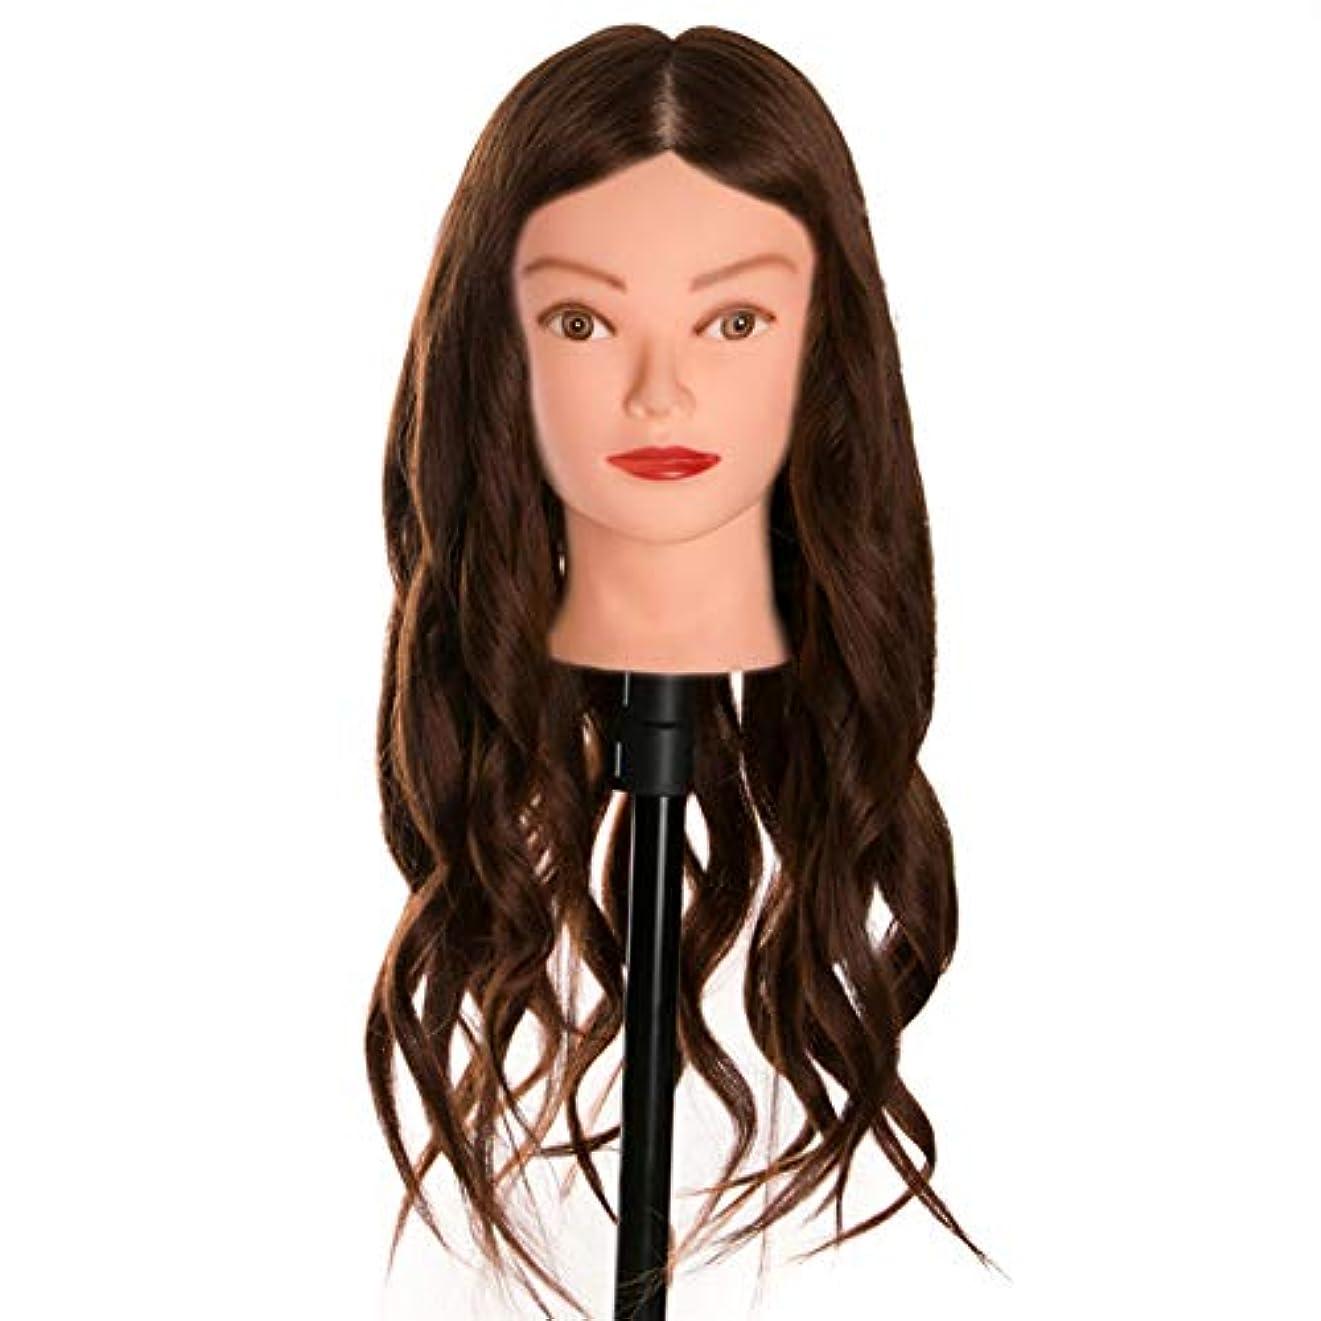 自我言い聞かせるスムーズに理髪サロンエクササイズヘッド金型メイクディスクヘアスタイリング編み教育ダミーヘッドヘアカットトレーニングかつら金型3個